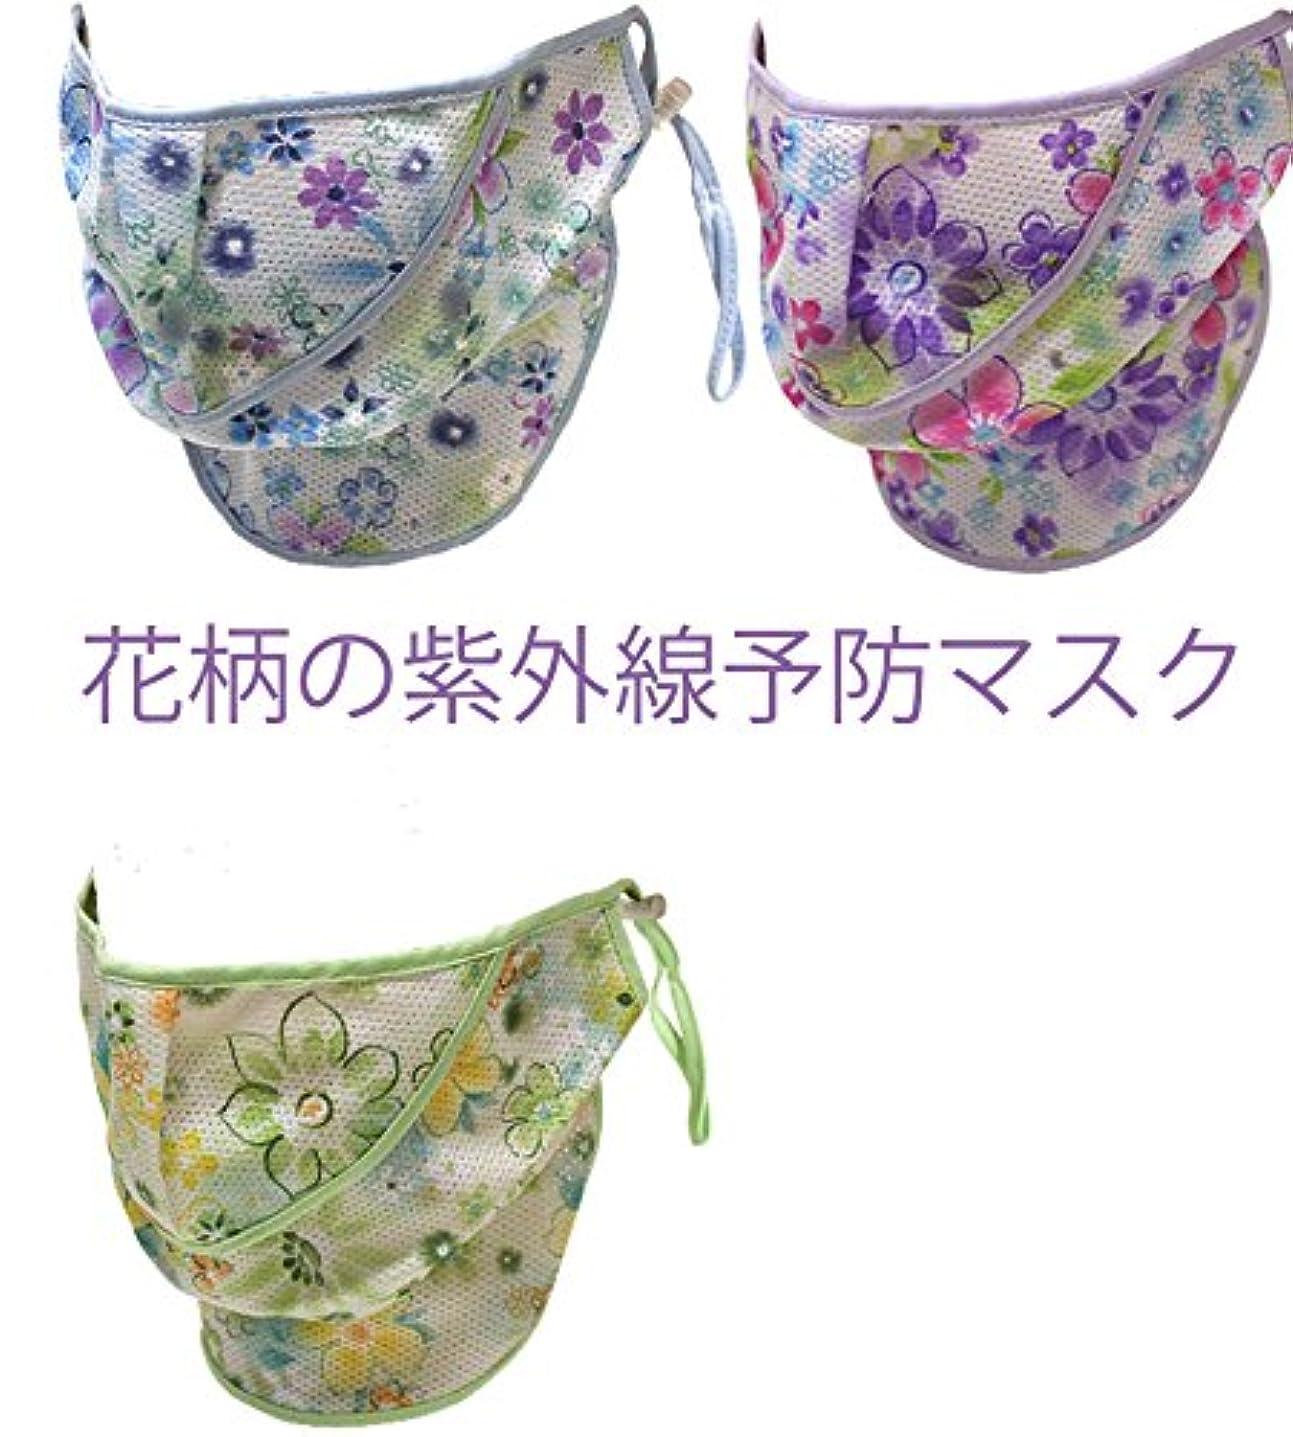 間隔寛容な安心uvフェイスマスク,花柄の紫外線予防マスク、、緑色、、信頼できる韓国産